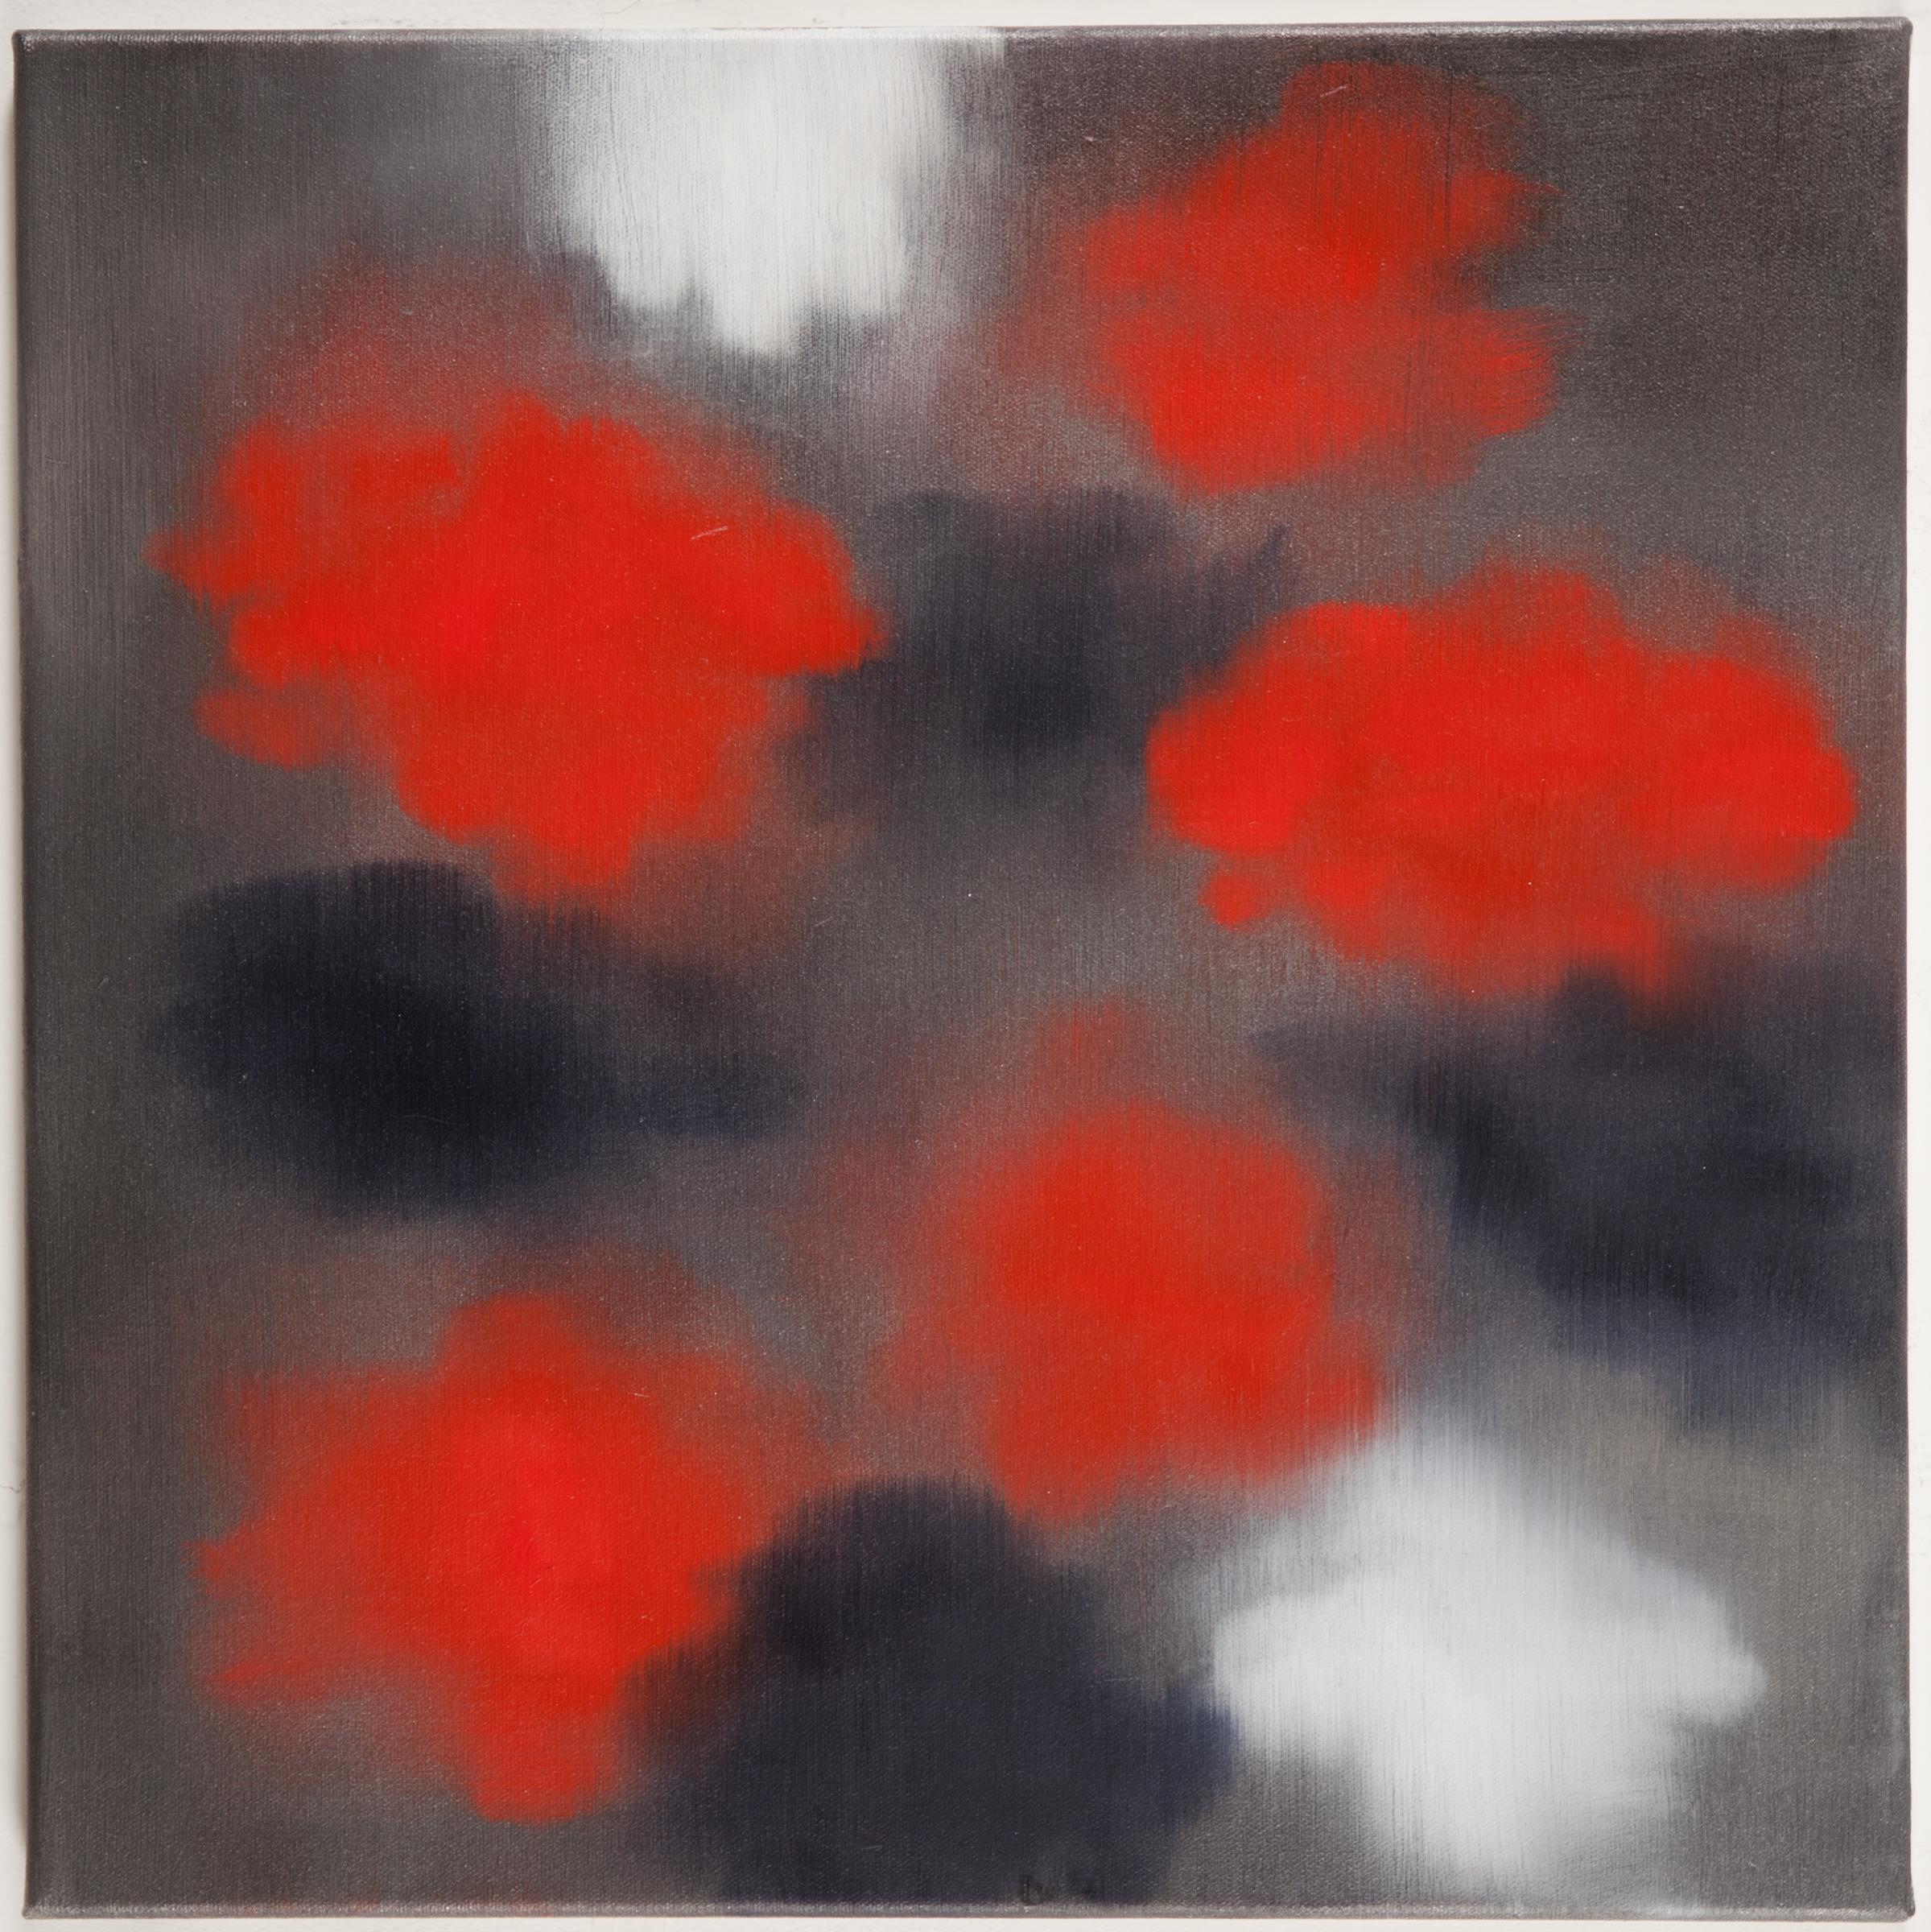 Ross Bleckner,  Untitled  2016 18 x 18 in Oil on linen